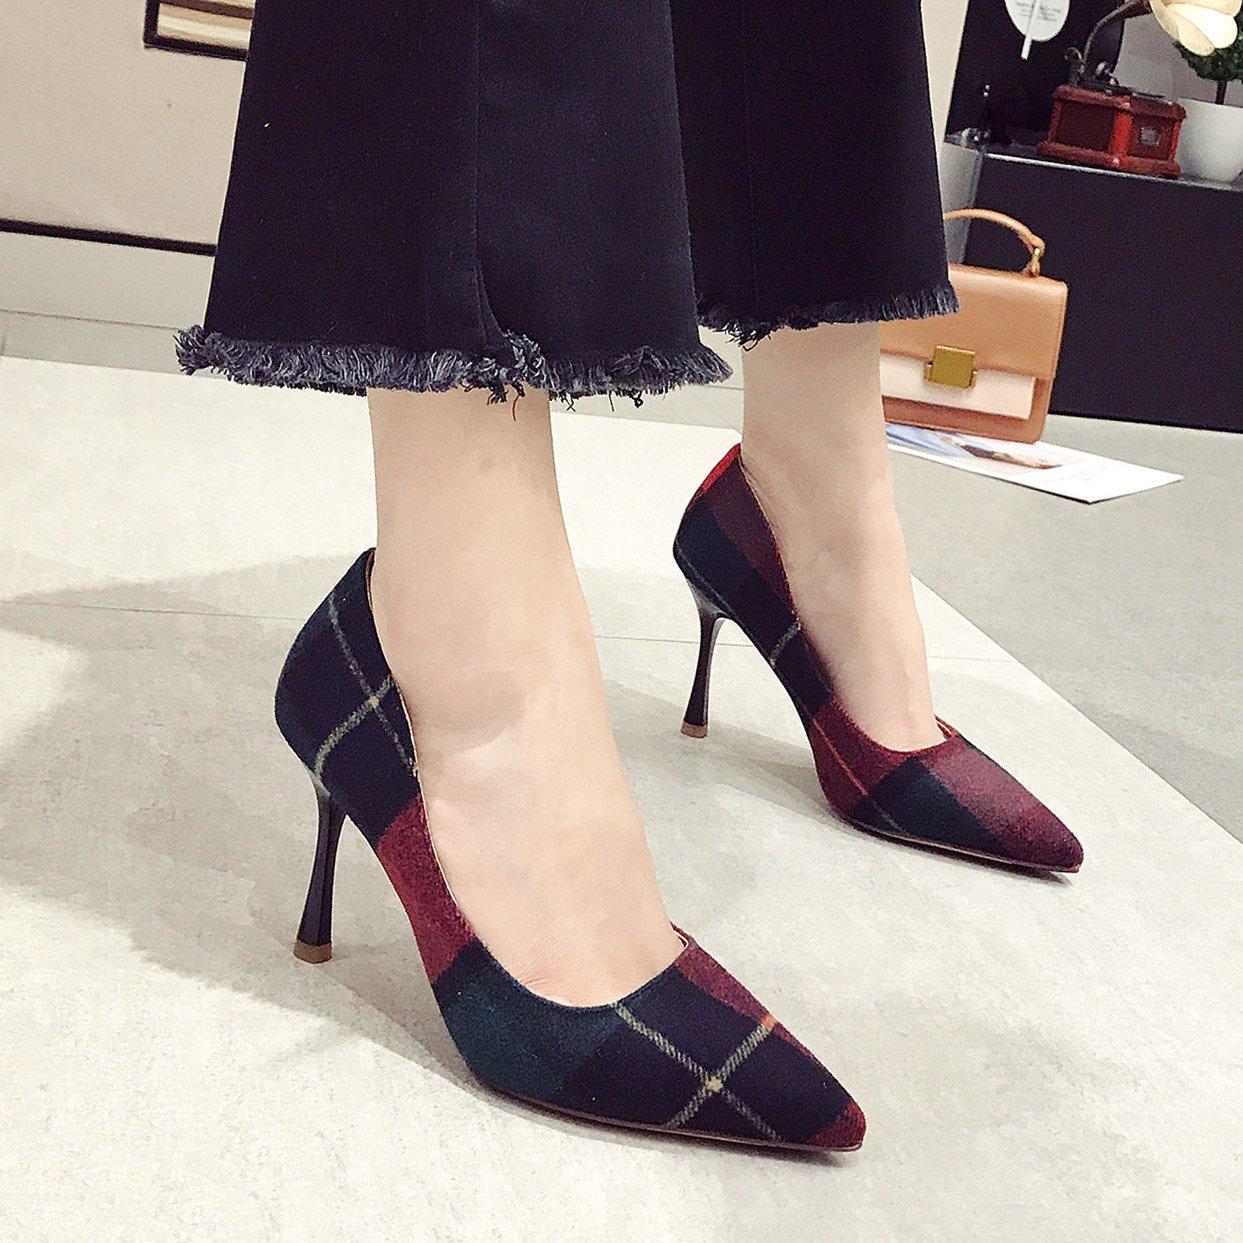 Olici MDRW-Lady Elegant Arbeit Freizeit Feder Fein High Mit 9 cm High Fein Heels Schuhe Farbe Wies Einzelne Damen All-Match Rote Schuhe bfb8ed